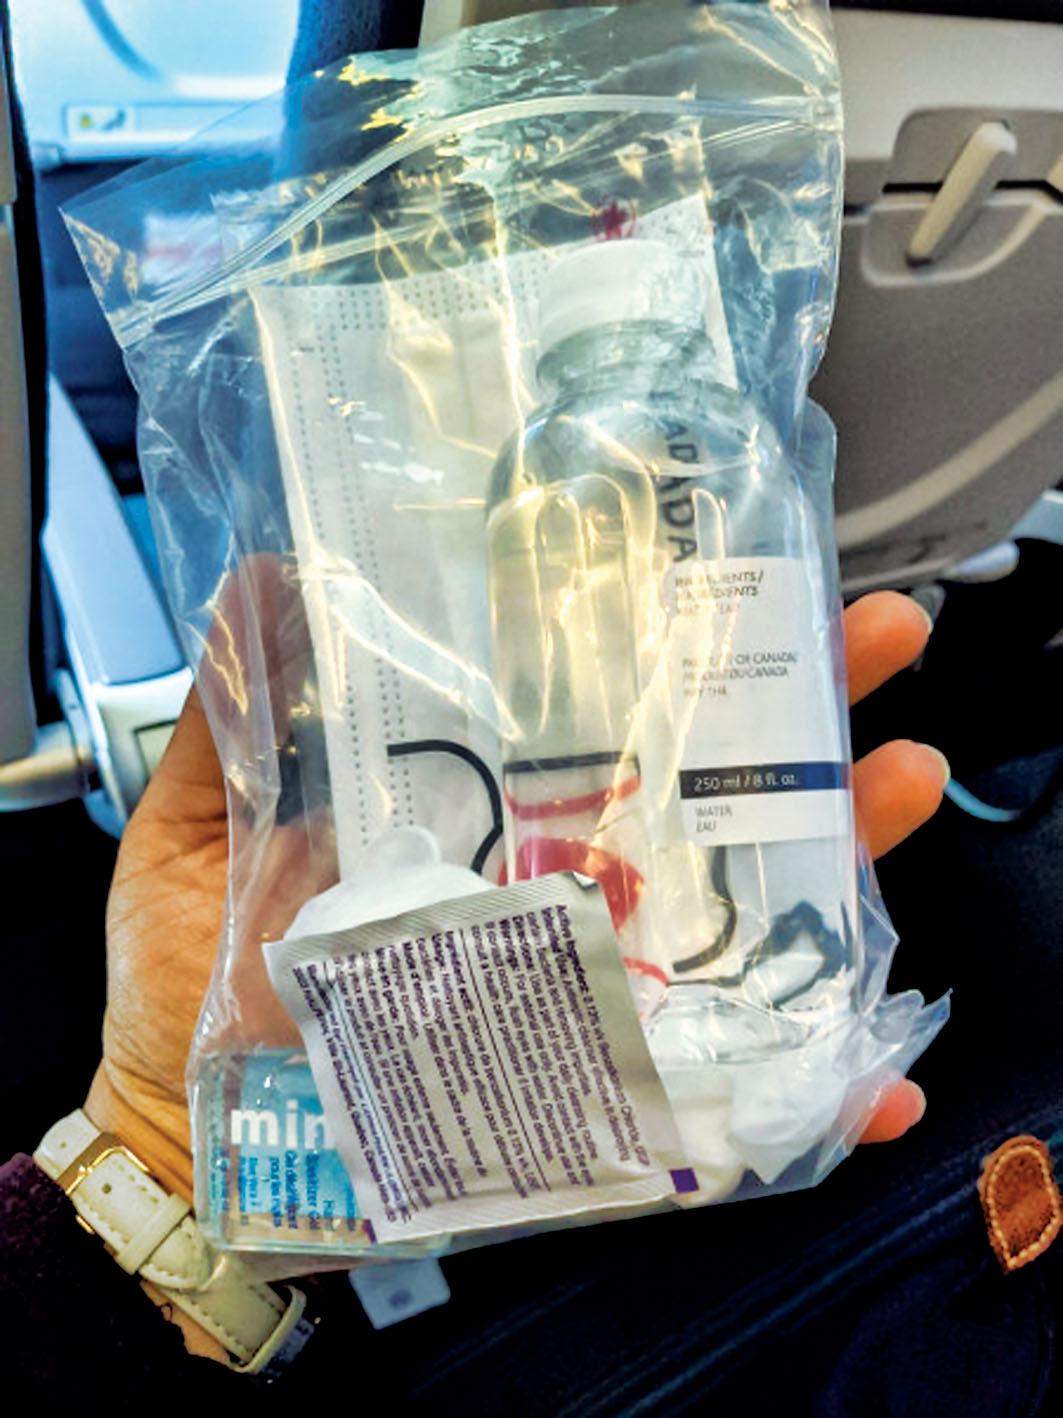 搭機前篩查健康狀況 乘客須適應航空新規